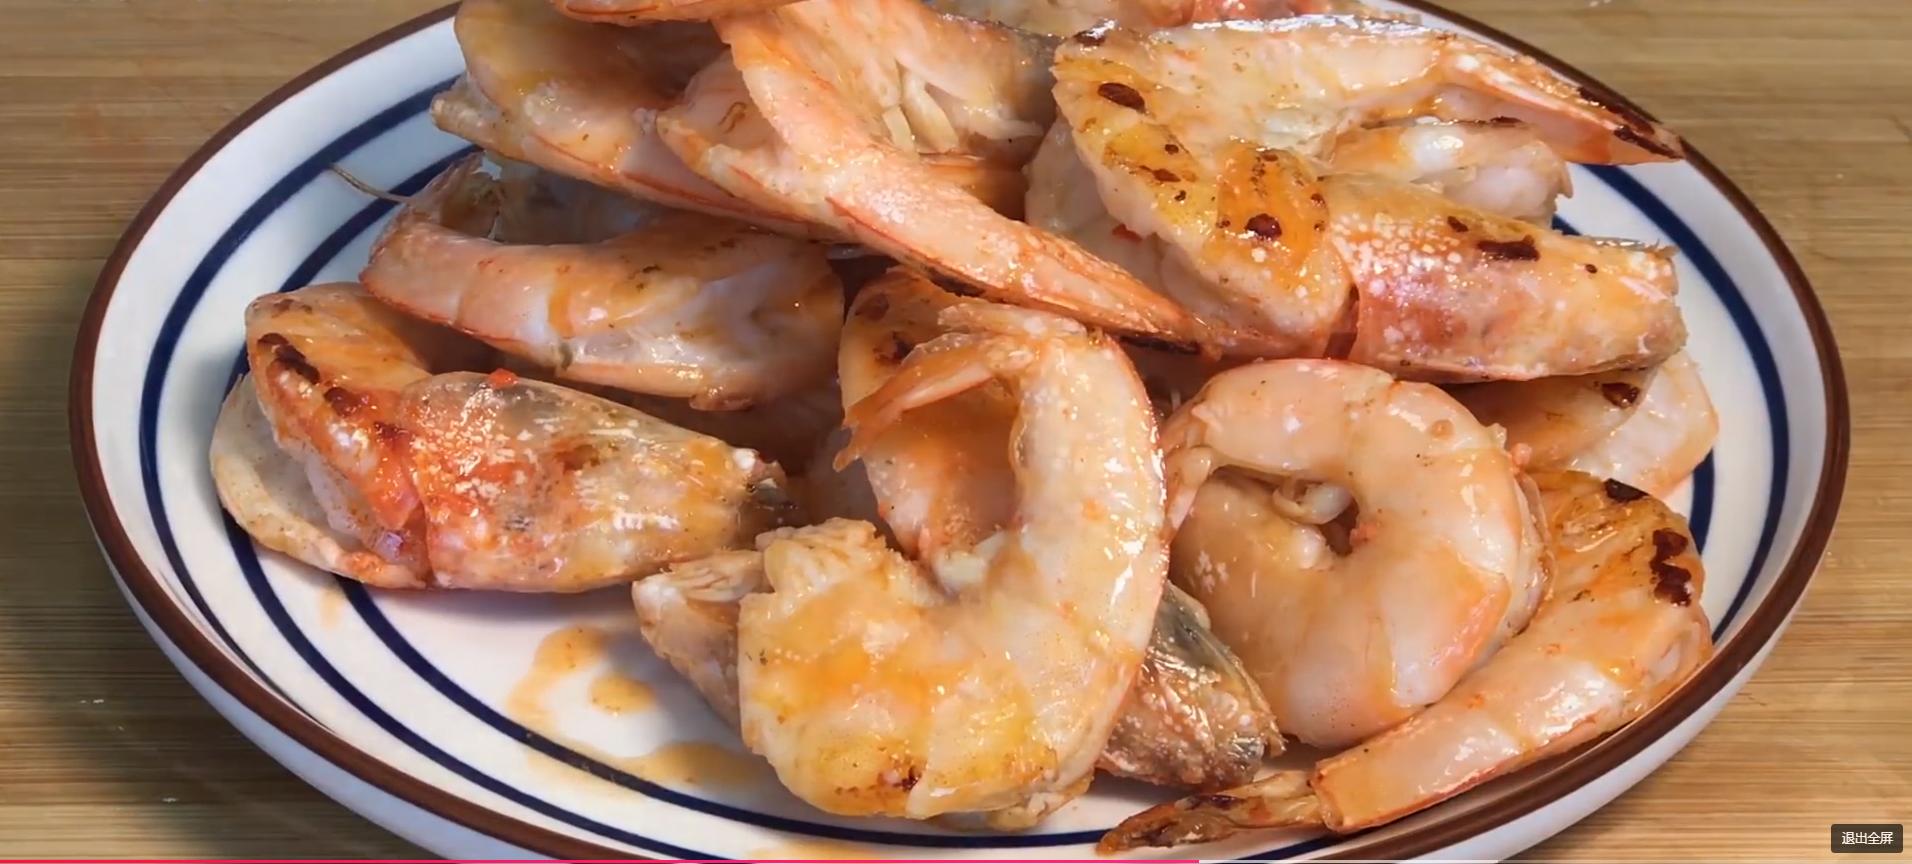 做大虾时,不要直接用水煮,教你正确做法,虾肉鲜嫩入味超好吃 美食做法 第11张